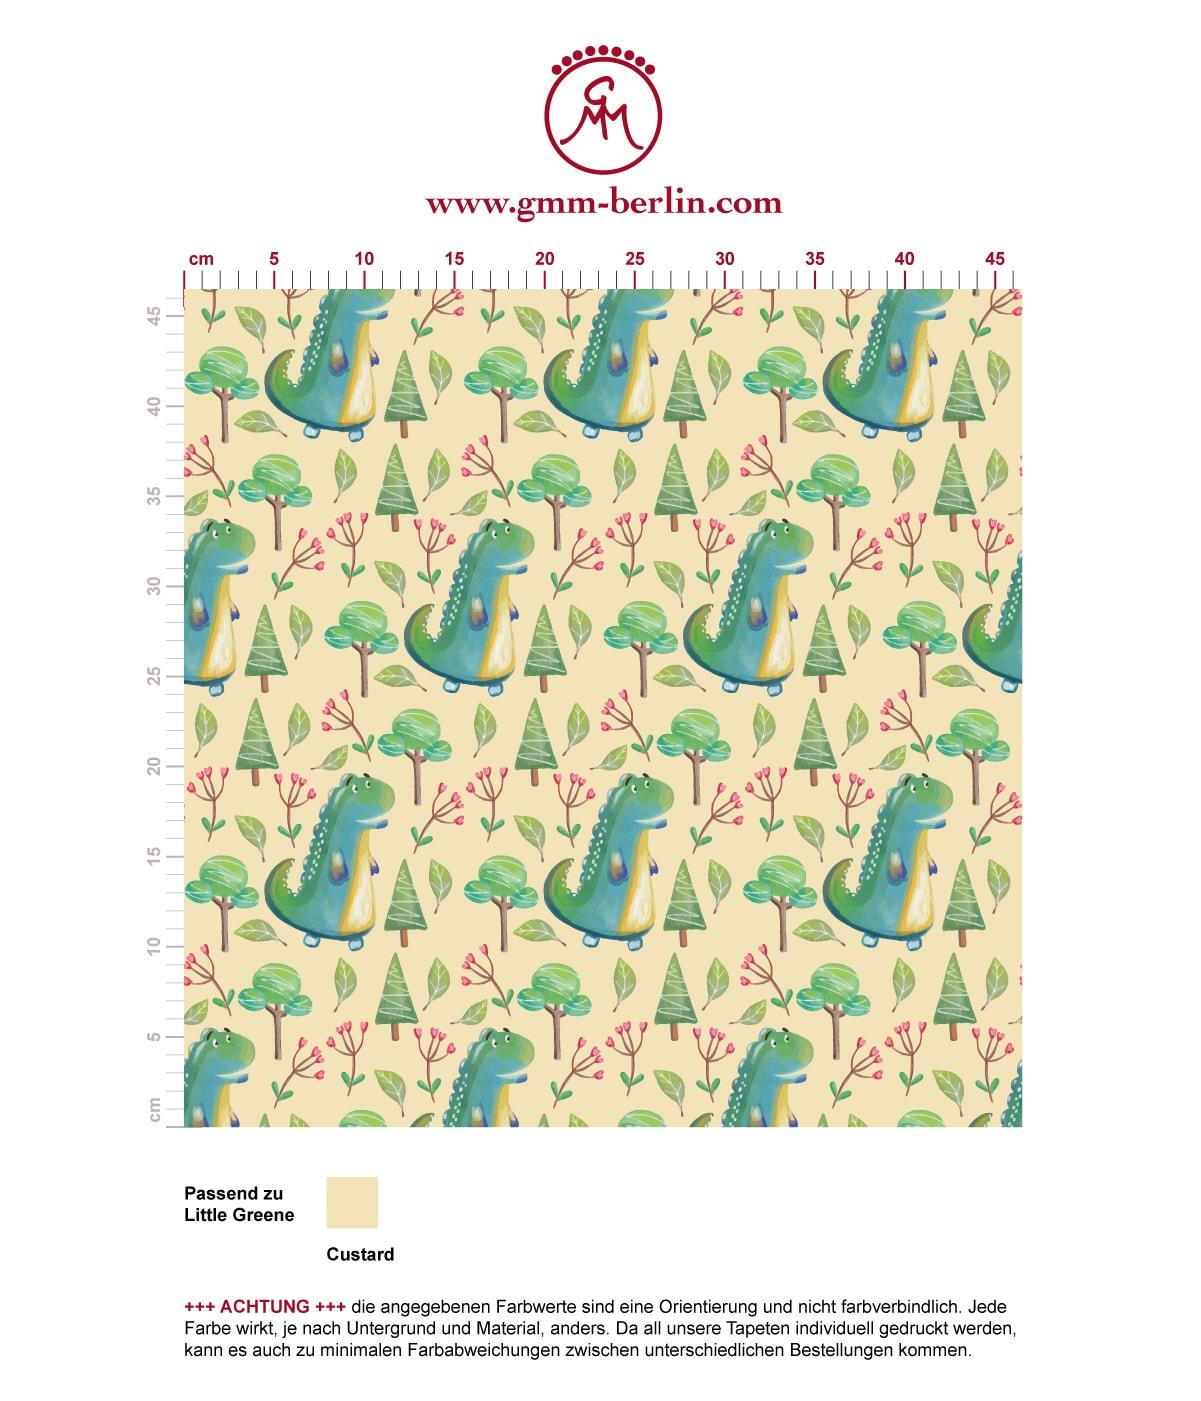 """""""Im Zauberwald"""" - lustige Kinder Tapete mit kleinen Drachen auf gelb angepasst an Little Greene Wandfarben. Aus dem GMM-BERLIN.com Sortiment: Schöne Tapeten in der Farbe: gelb"""